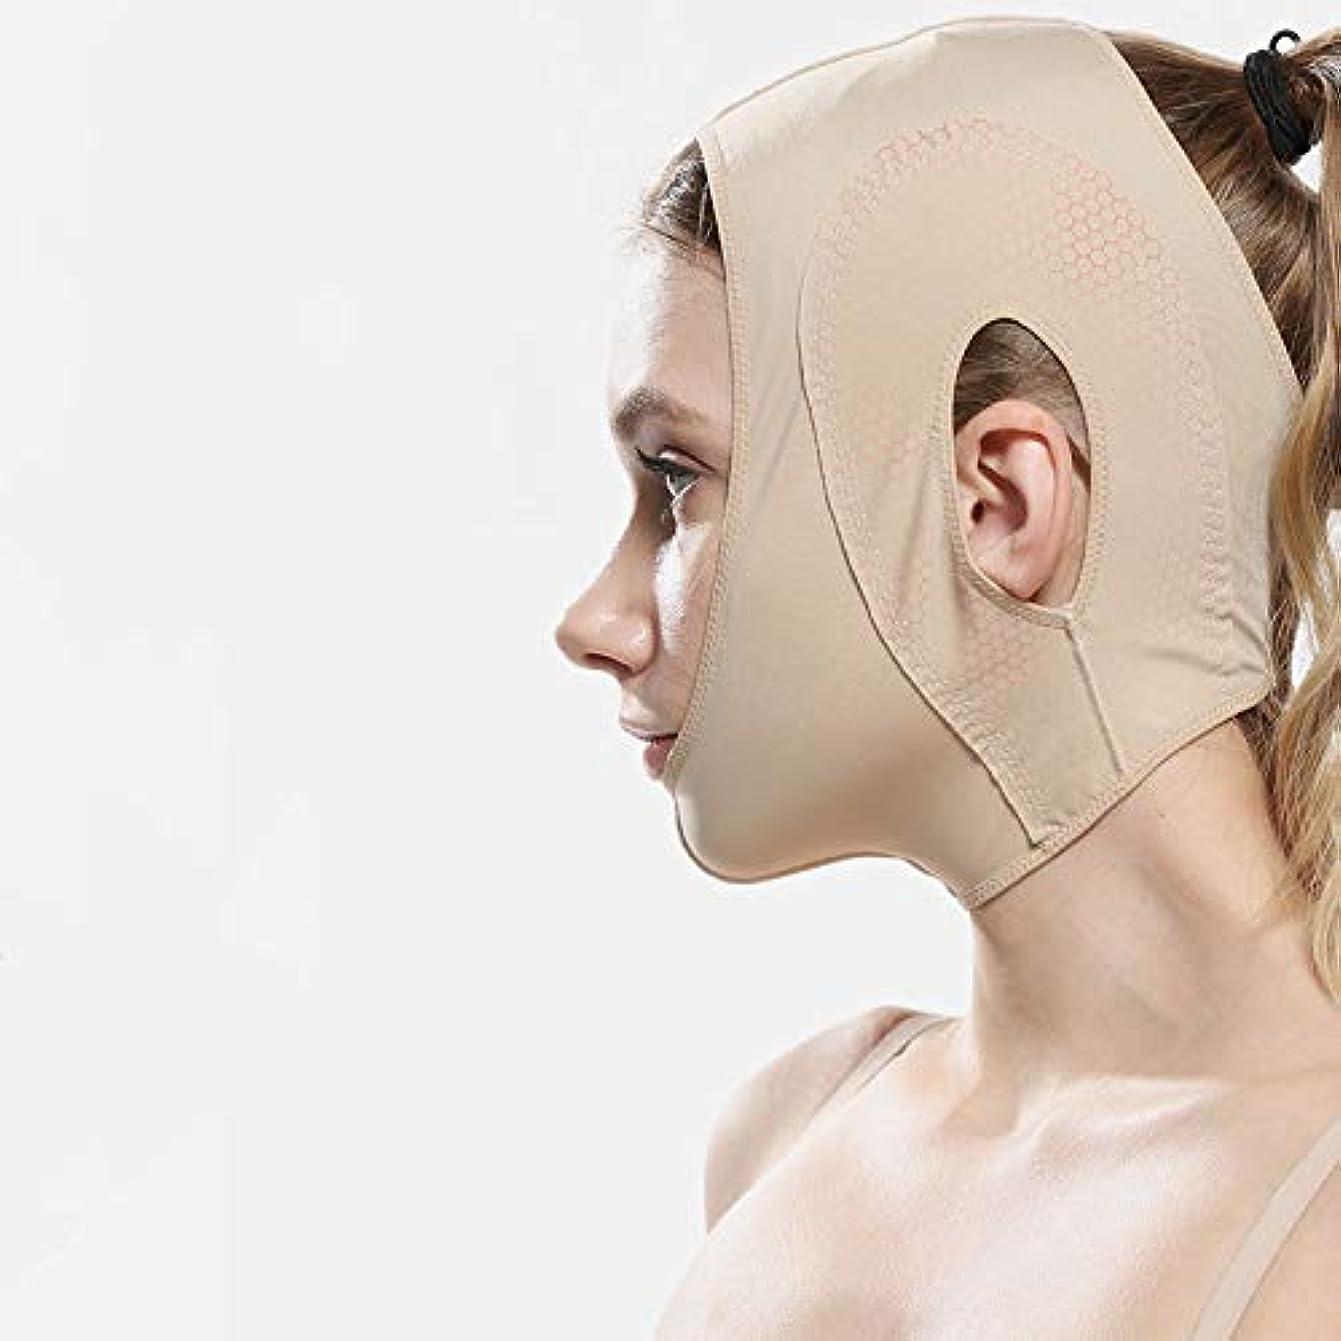 正確さ効率的に無駄だスモールvフェイスマスク、しわvフェイスバンデージ/ビューティースモールvフェイスアーティファクト/リフティング引き締め(カラー)